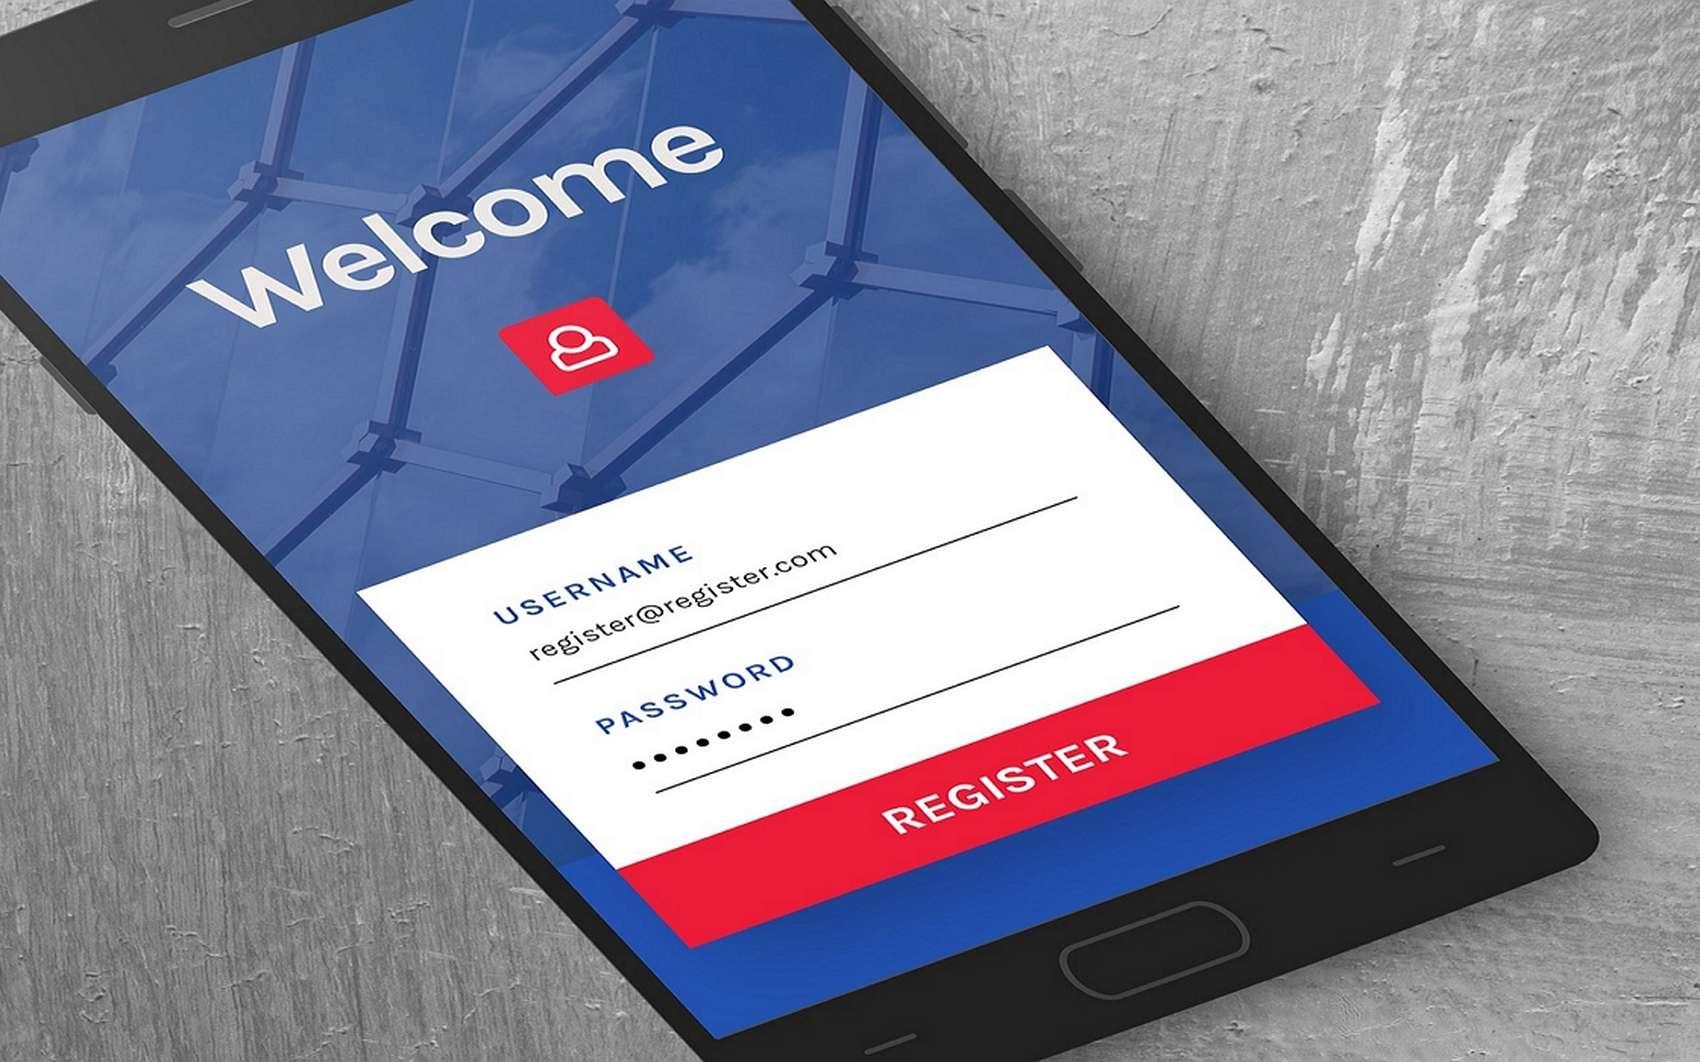 Futura vous explique comment activer le remplissage automatique sur Android. © Biljana Jovanovic de Pixabay